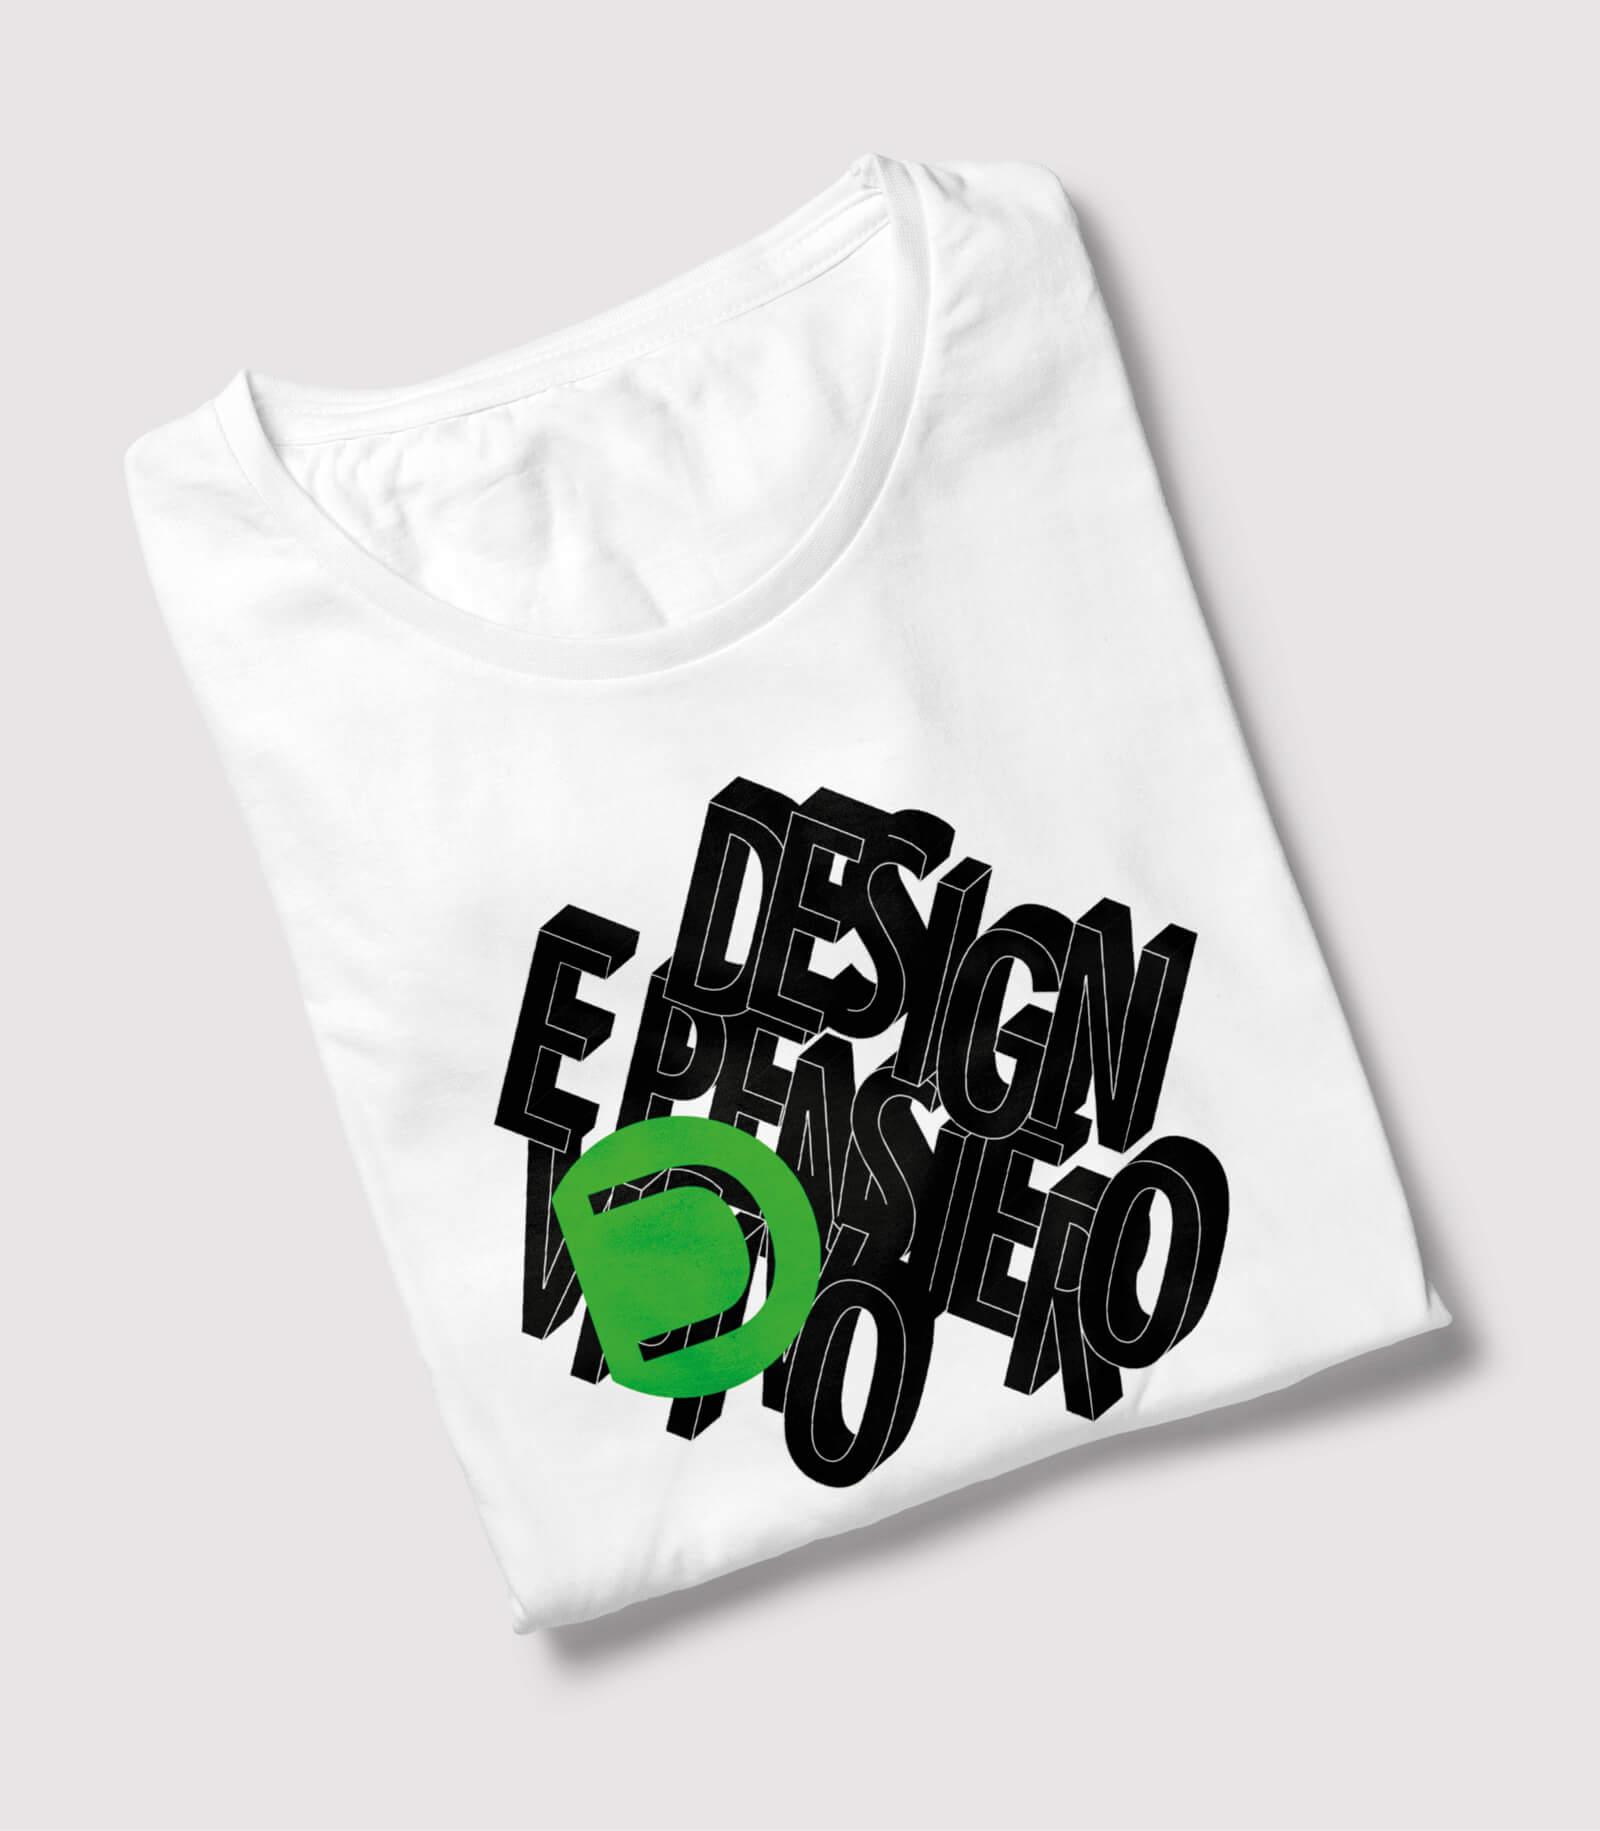 maglietta brandizzata con i colori aziendali progettata dallo studio grafico diade di arco di trento